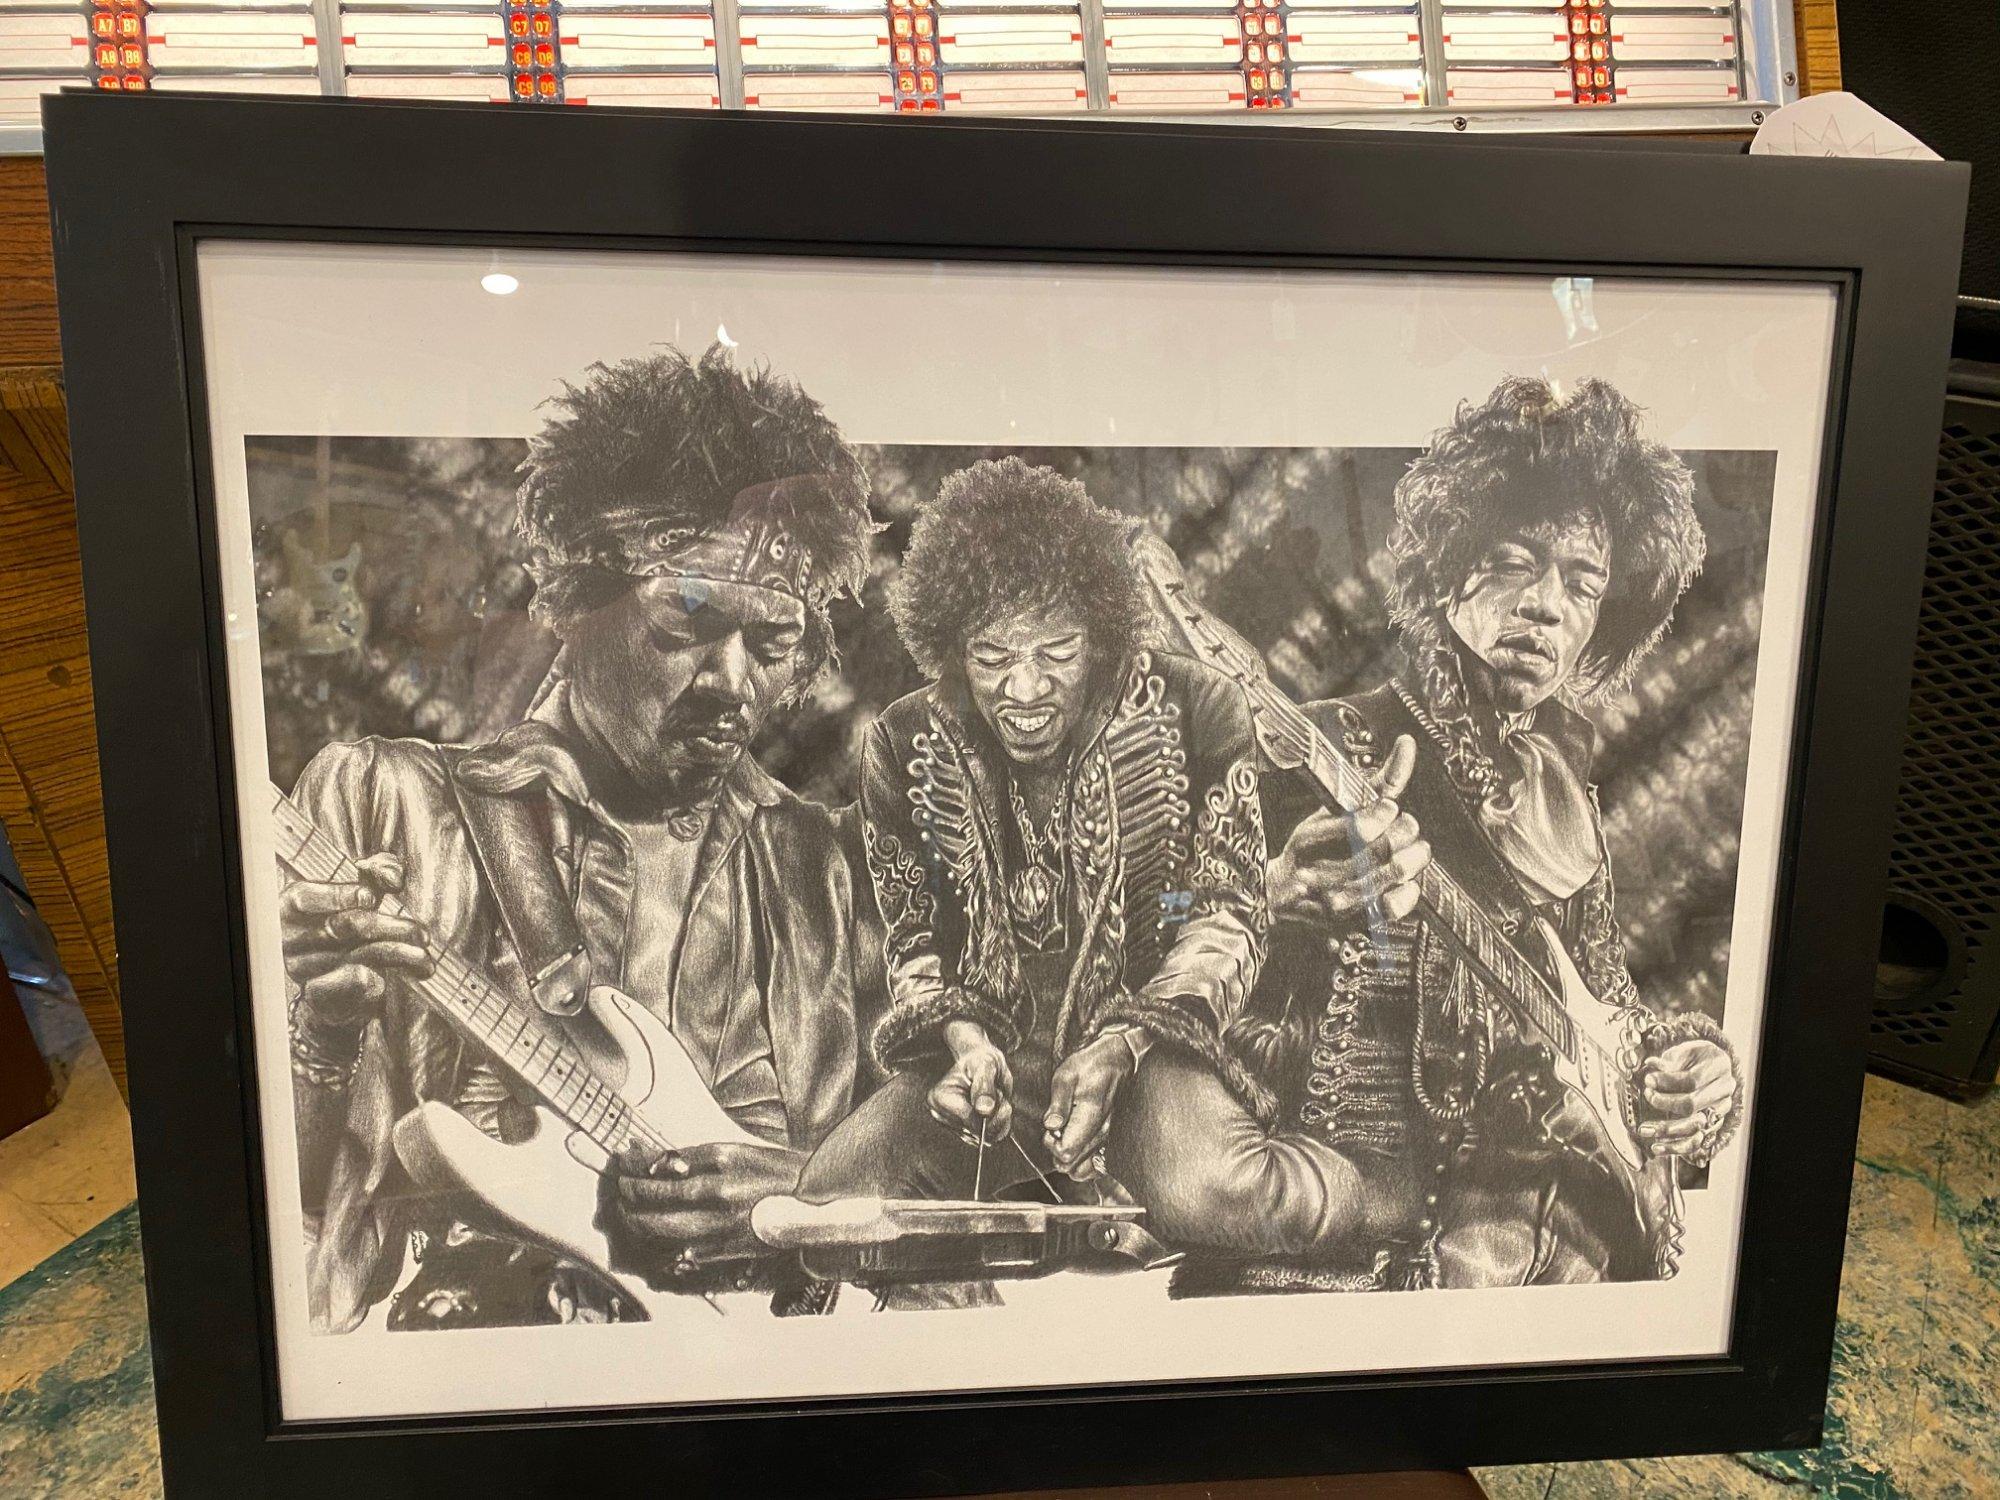 framed poster - Jimi Hendrix! 3 styles